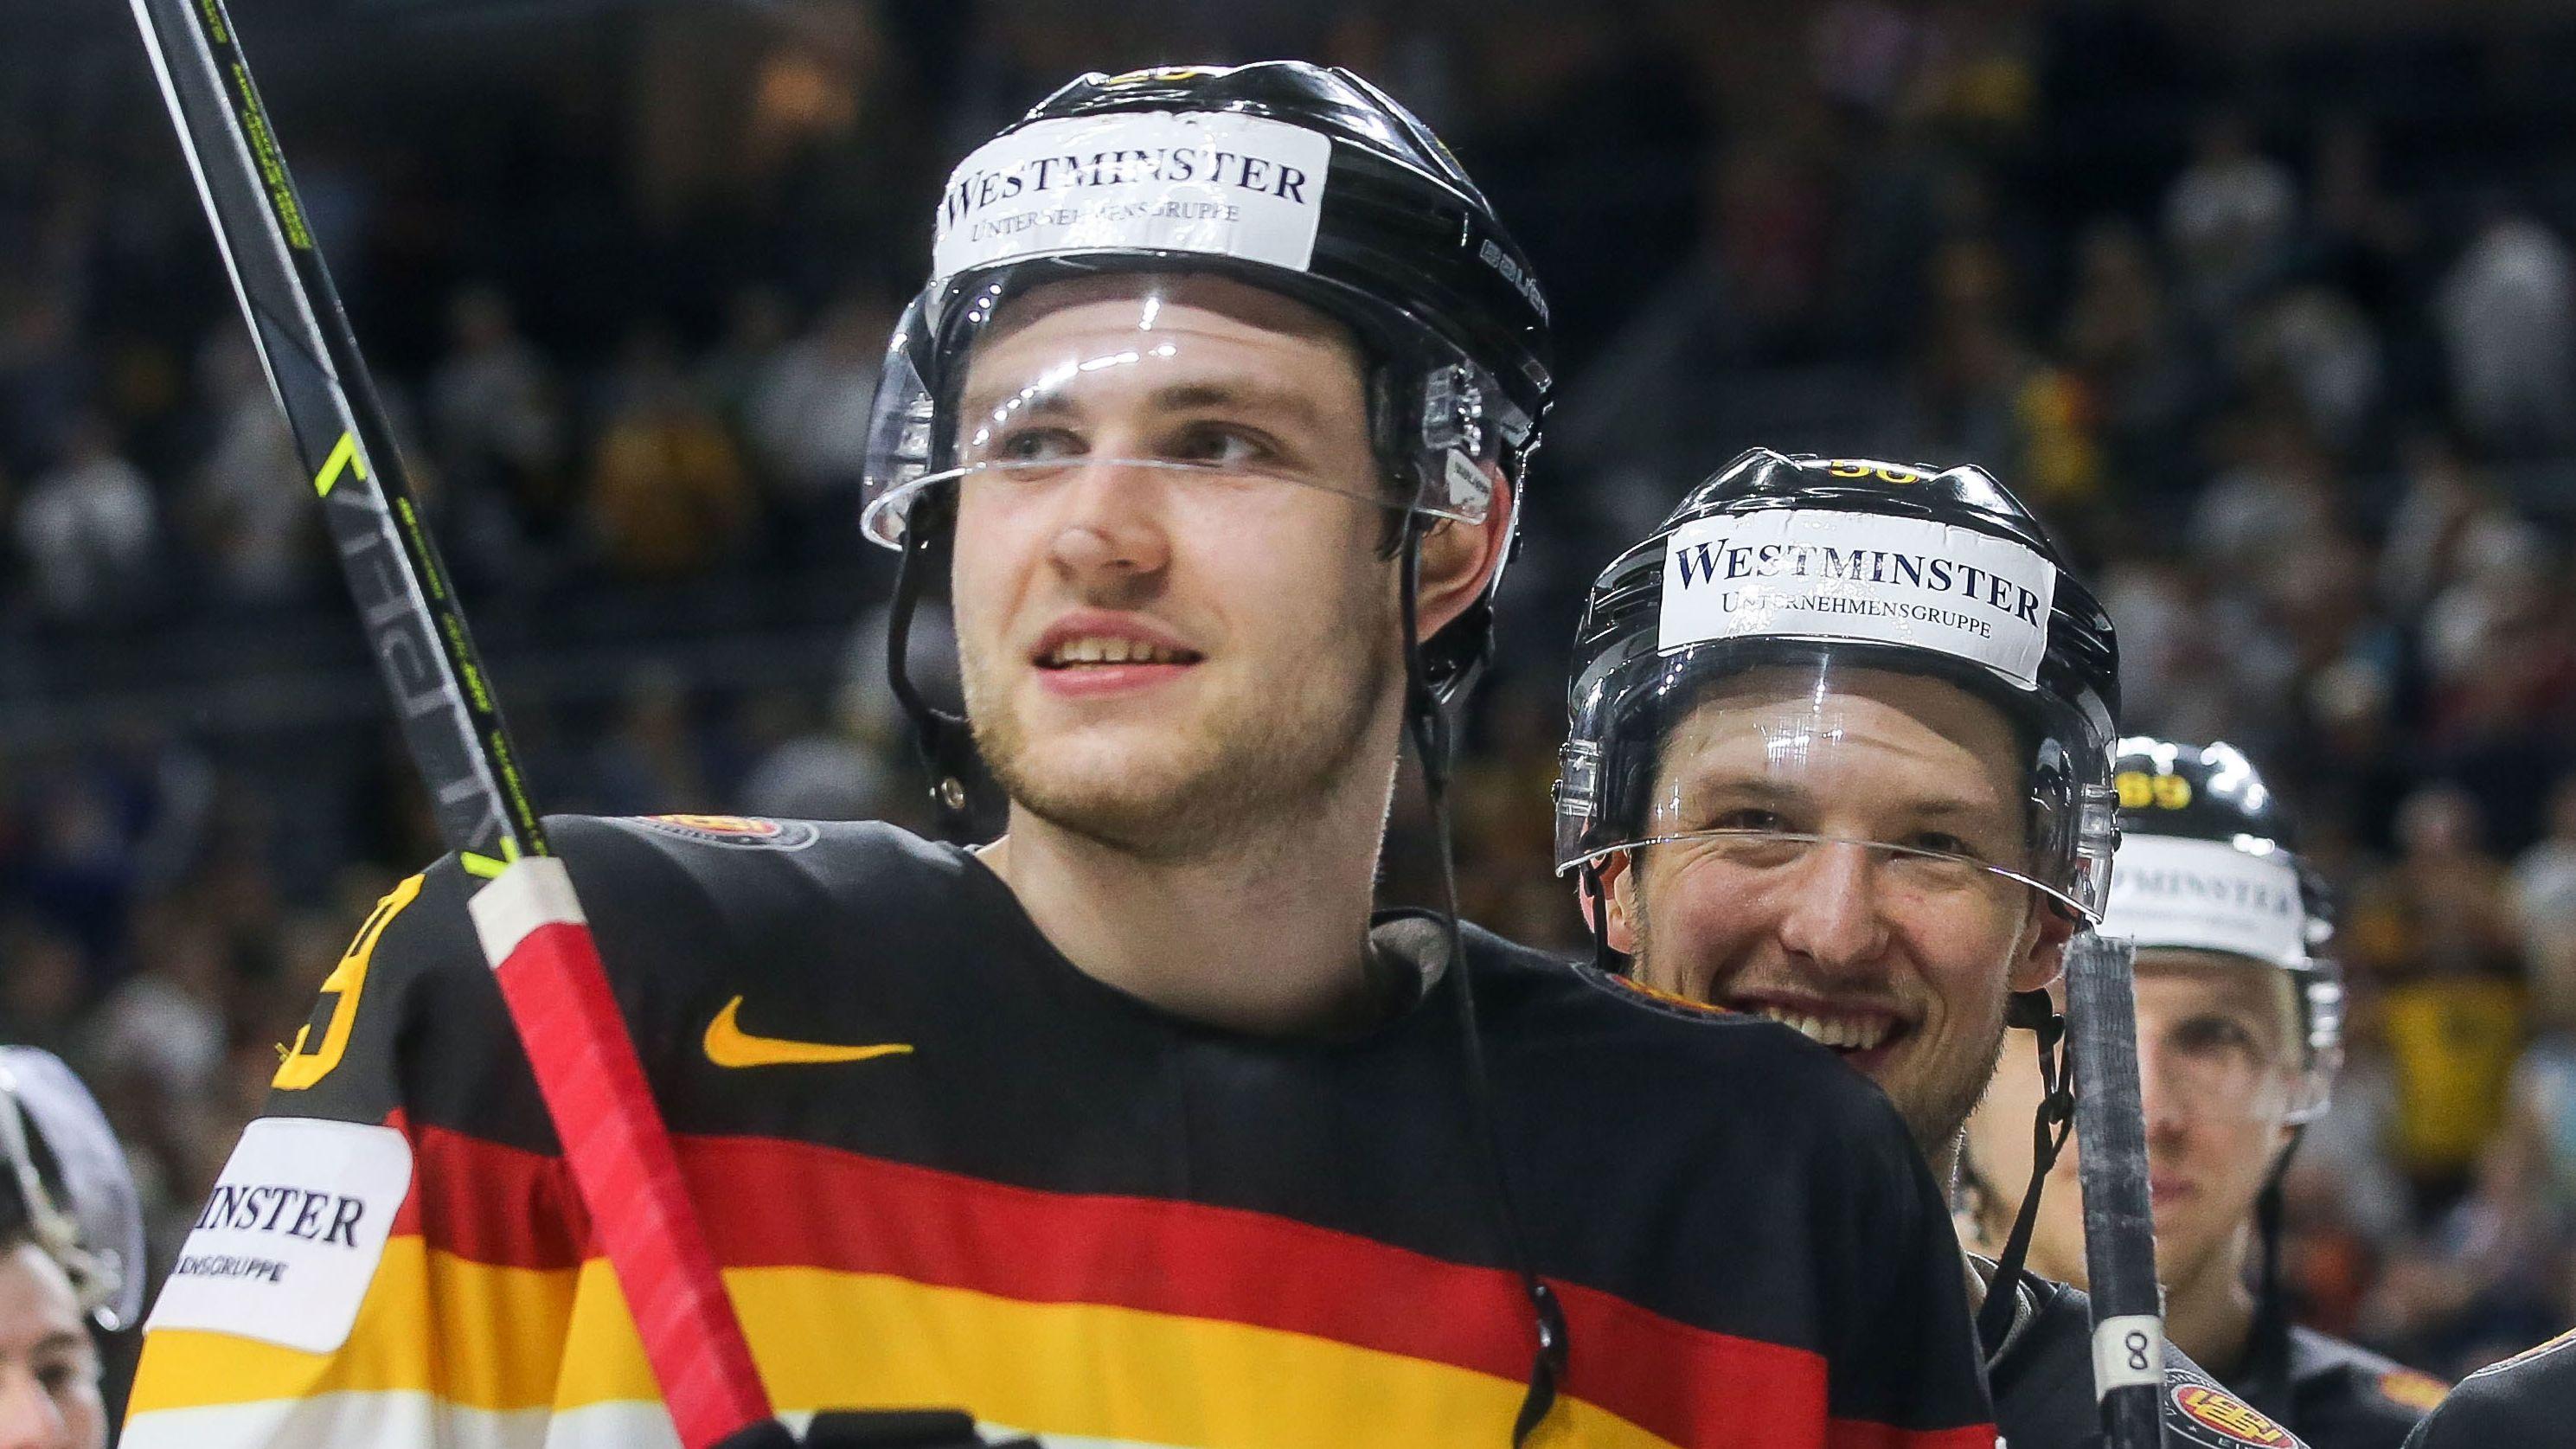 Die Eishockeyspieler Leon Draisaitl (links) und Patrick Hager